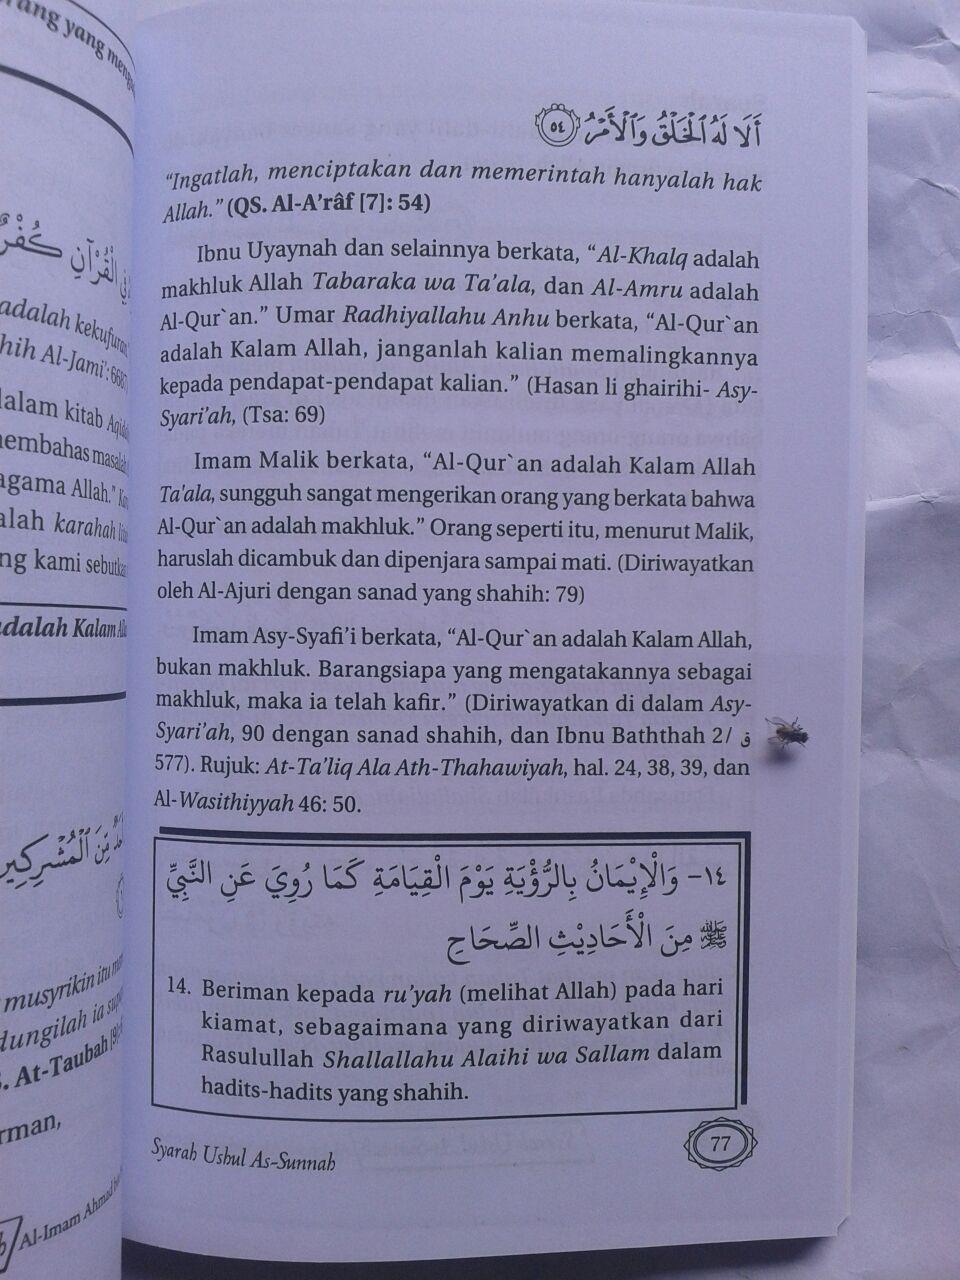 Buku Syarah Ushul As-Sunnah Imam Ahmad Bin Hambal 29,000 15% 24,650 isi 3